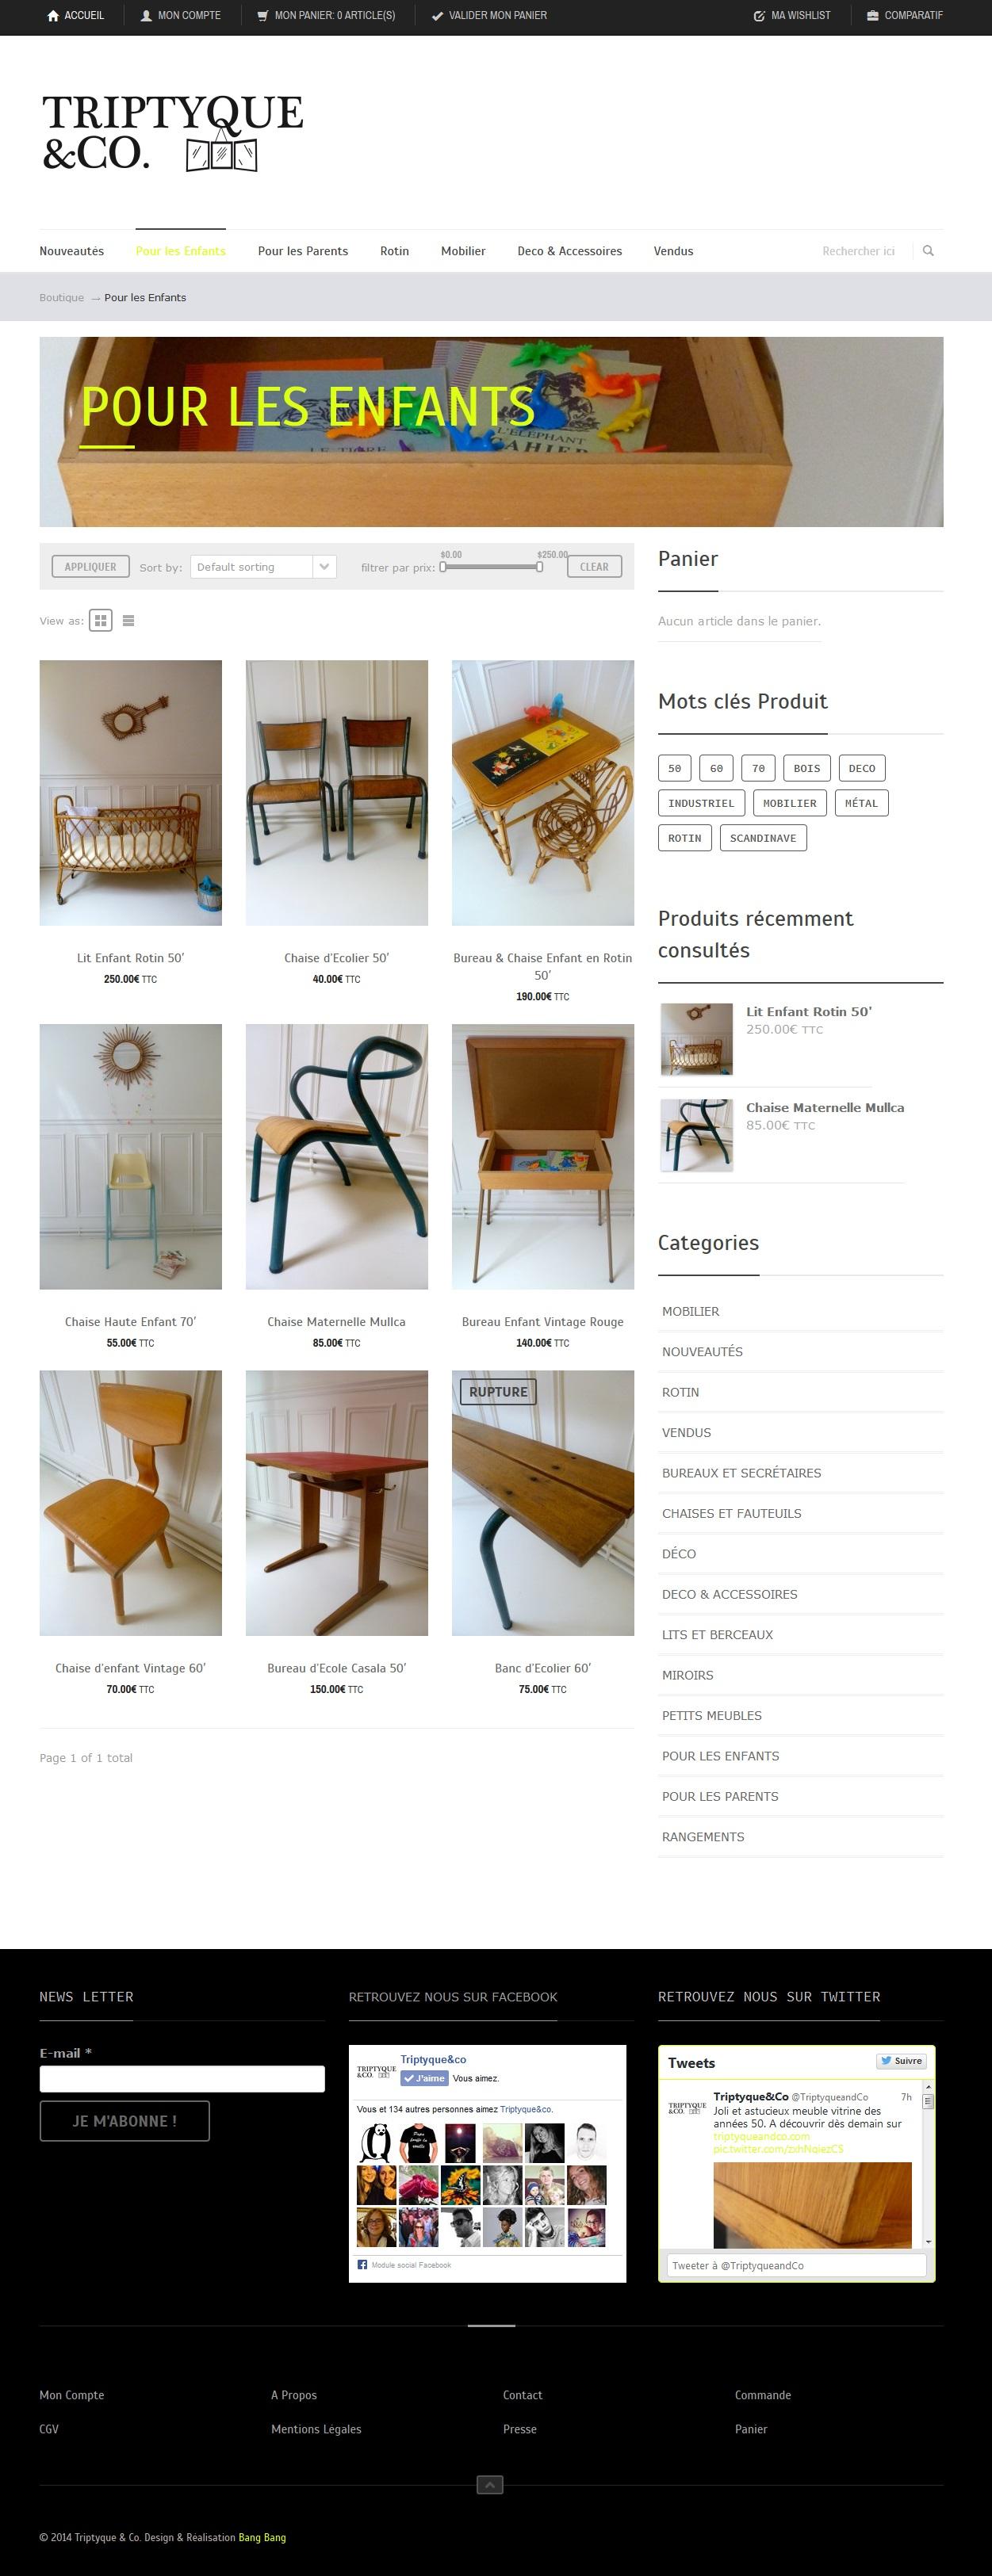 Mobilier et Objets de décoration vintage pour les enfants_' - triptyqueandco_com_categorie-produit_pour-les-enfants